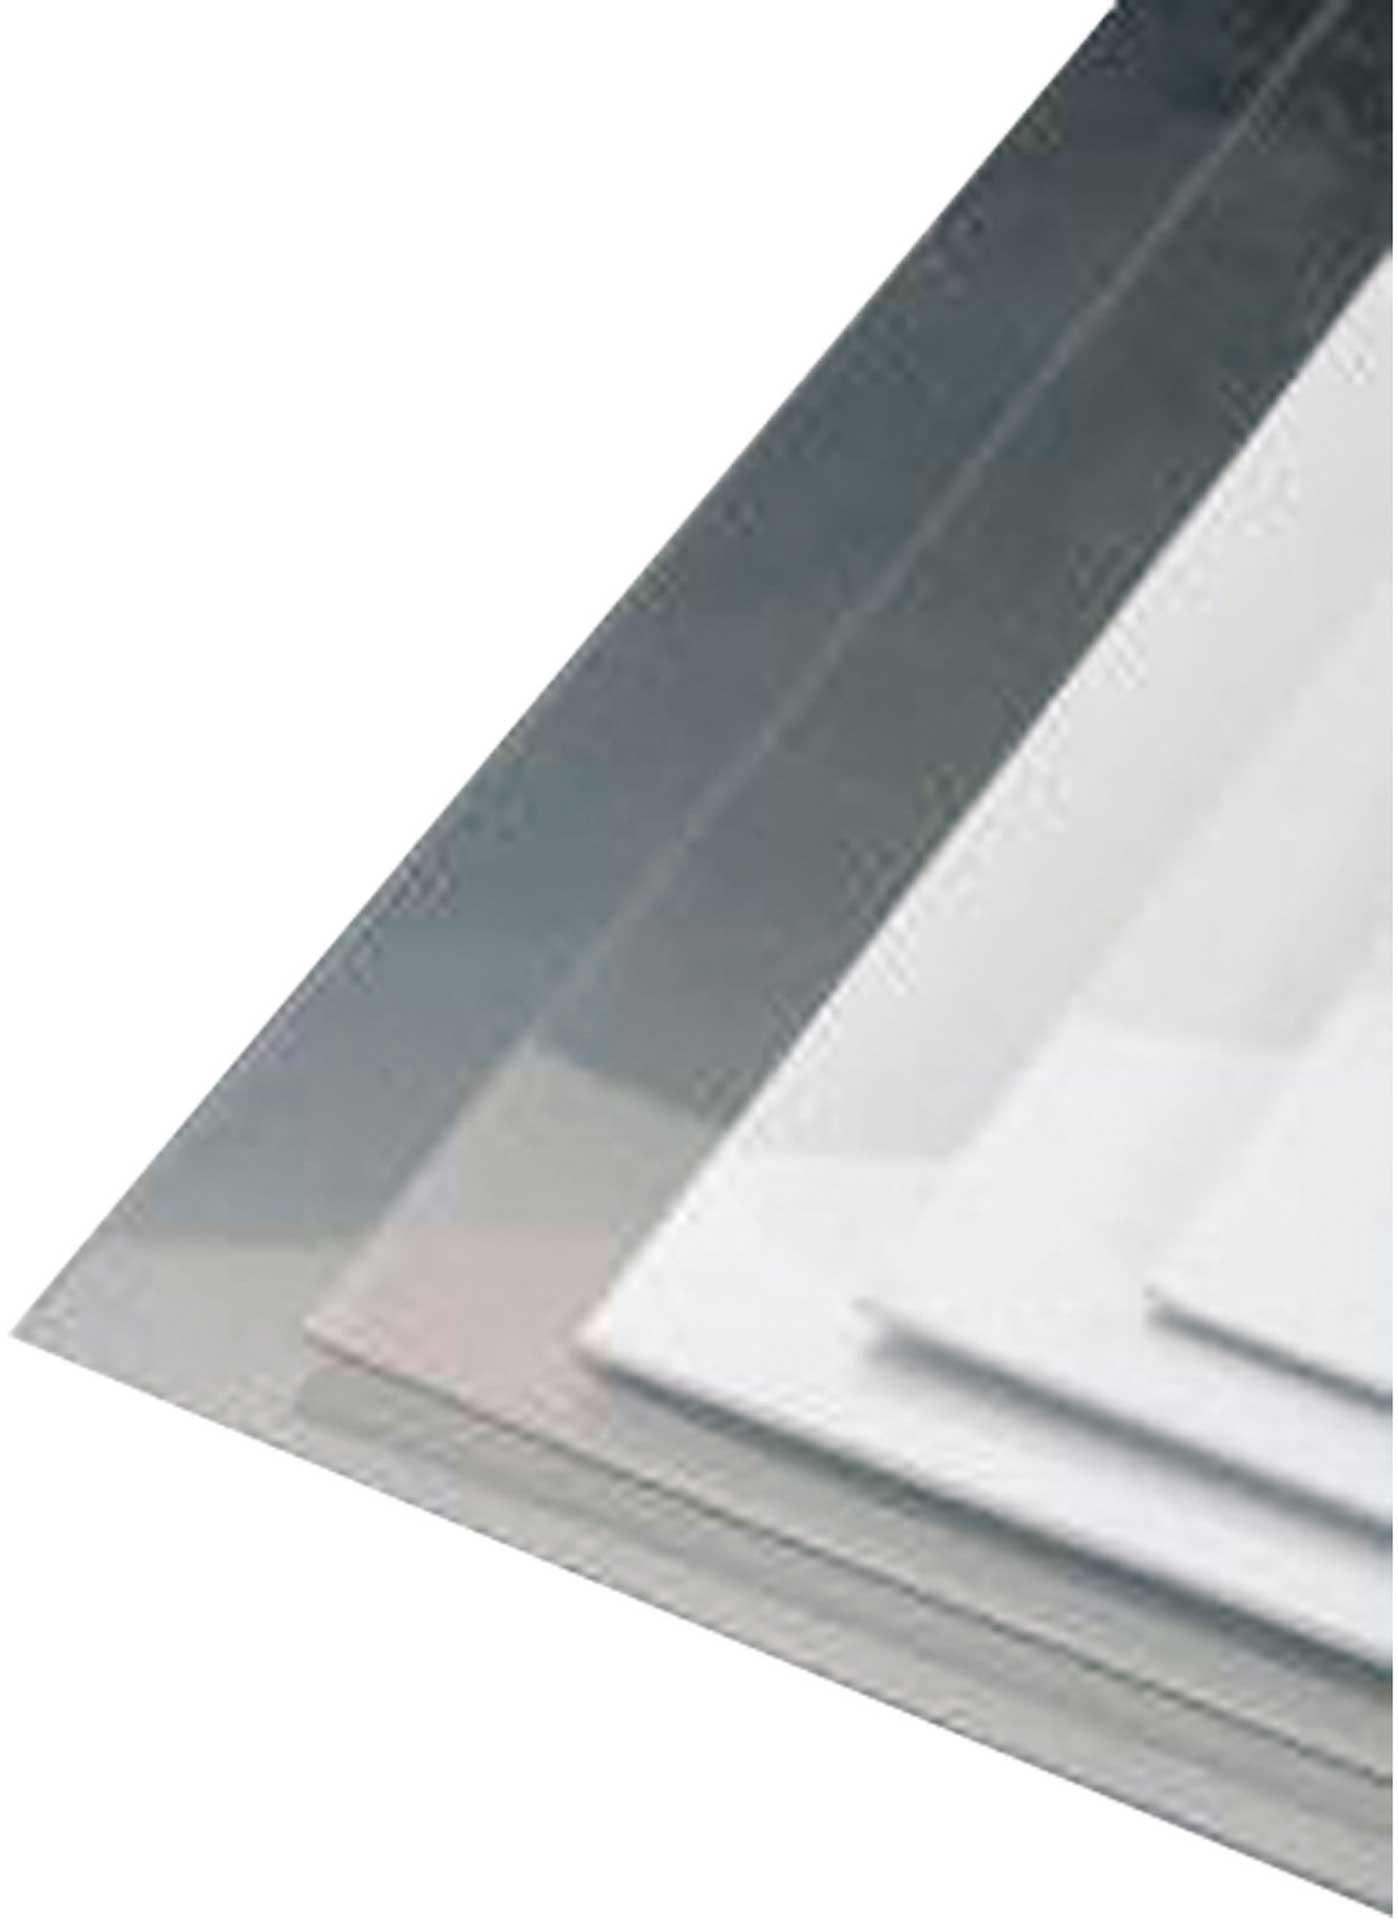 SENOVA PVC-GLAS TRANSPARENT 1,5/330/500MM TIEFZIEHGLAS